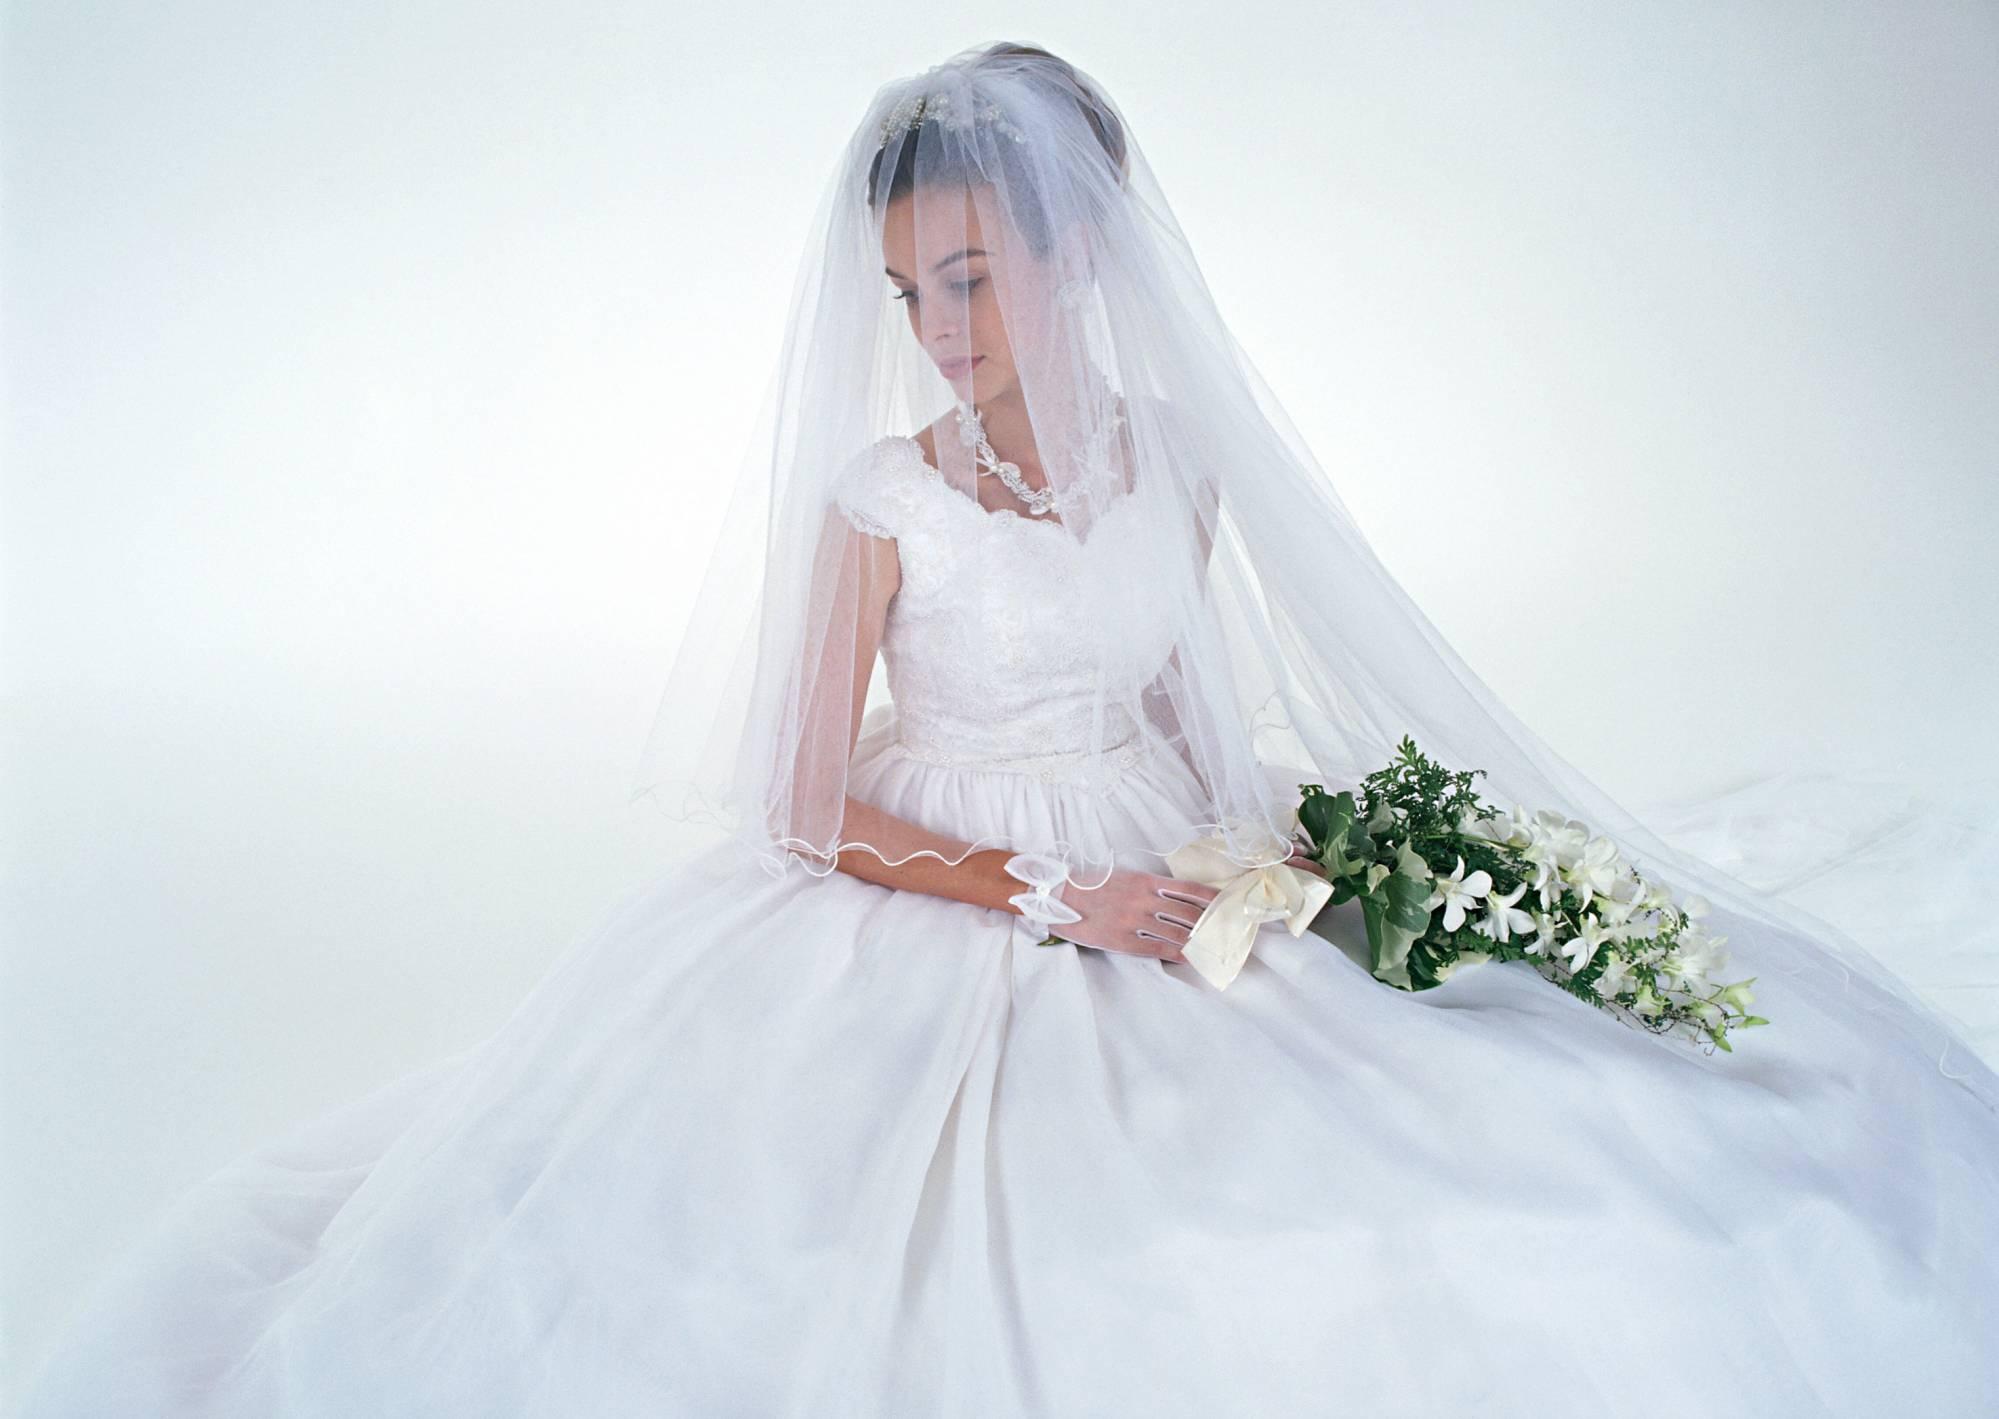 В свадебном платье без лица фото на аву